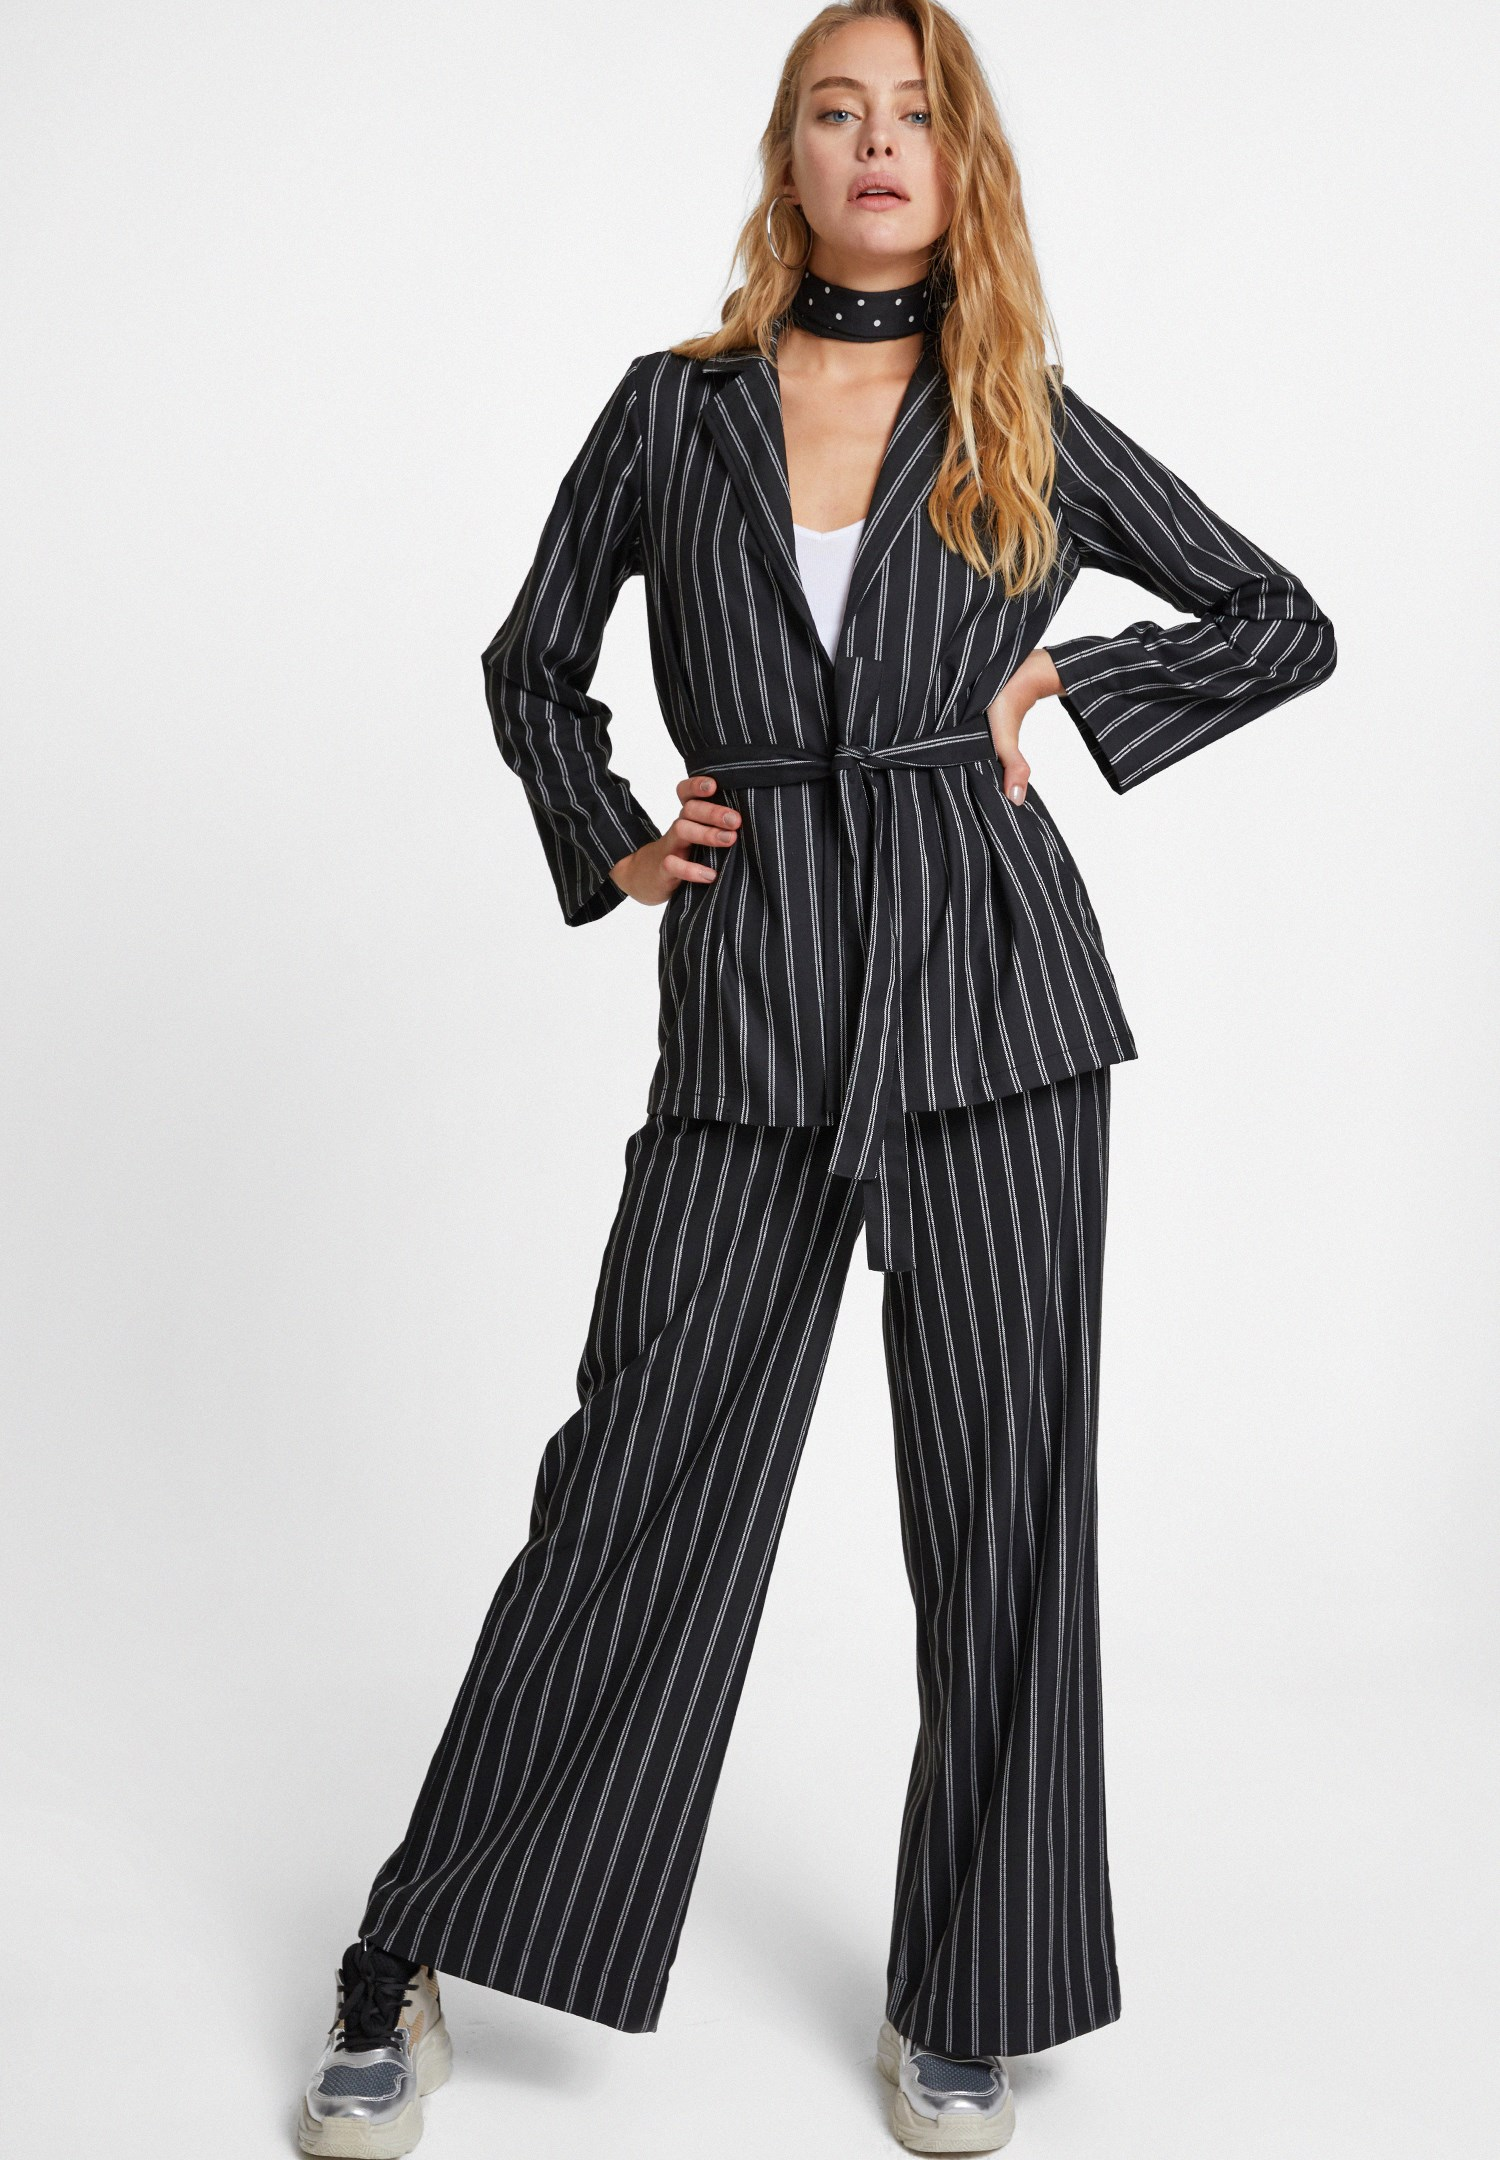 Bayan Çok Renkli Çizgi Desenli Beli Bağlamalı Ceket